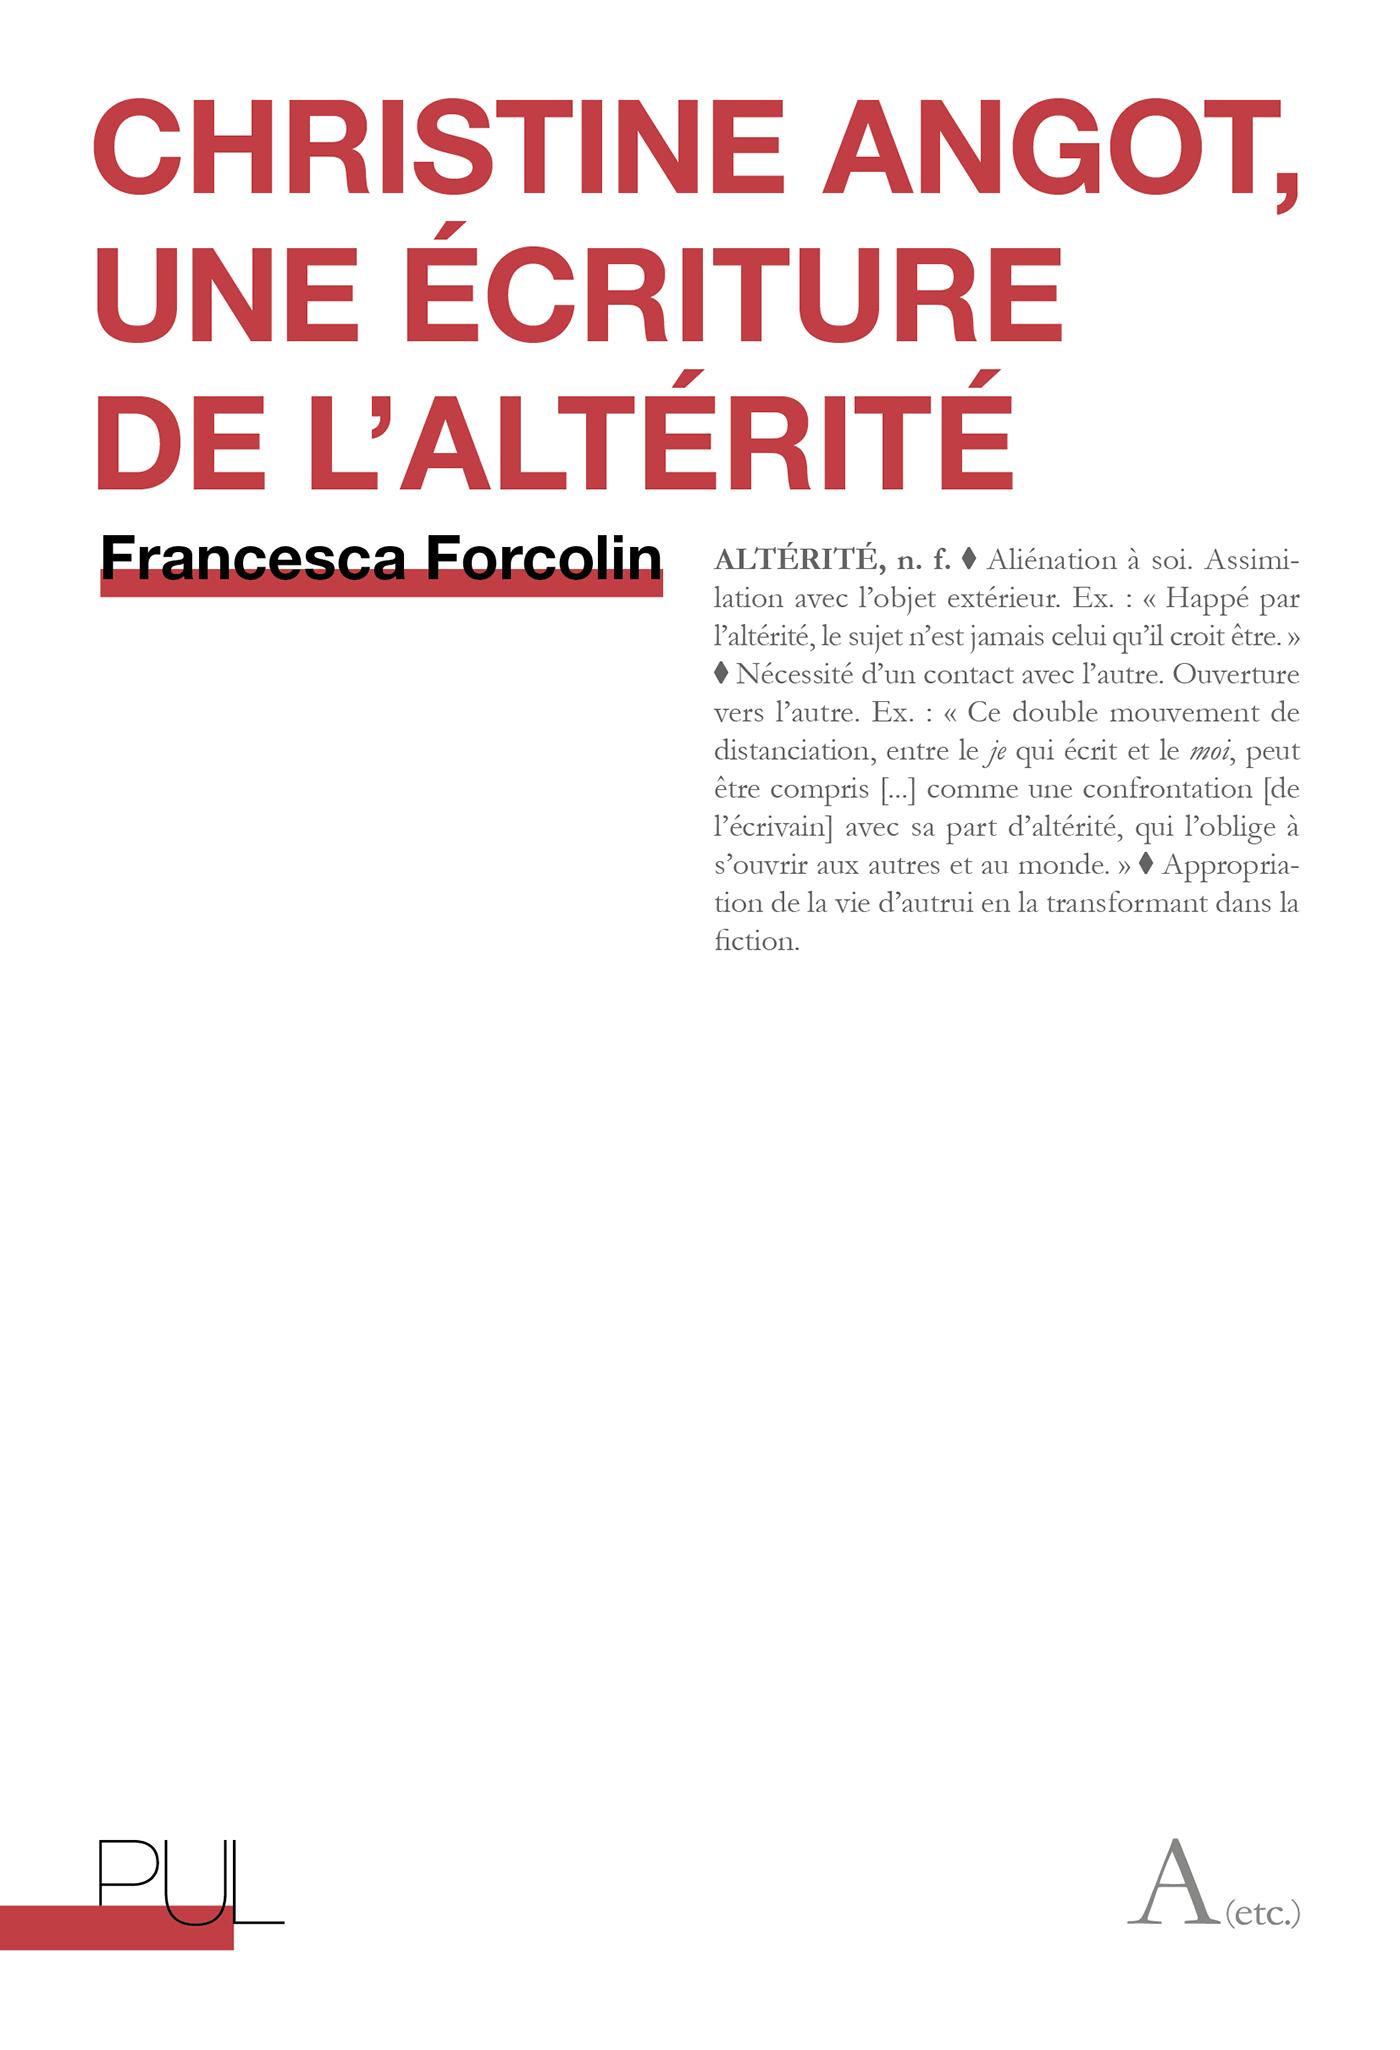 F. Forcolin, Christine Angot, une écriture de l'altérité